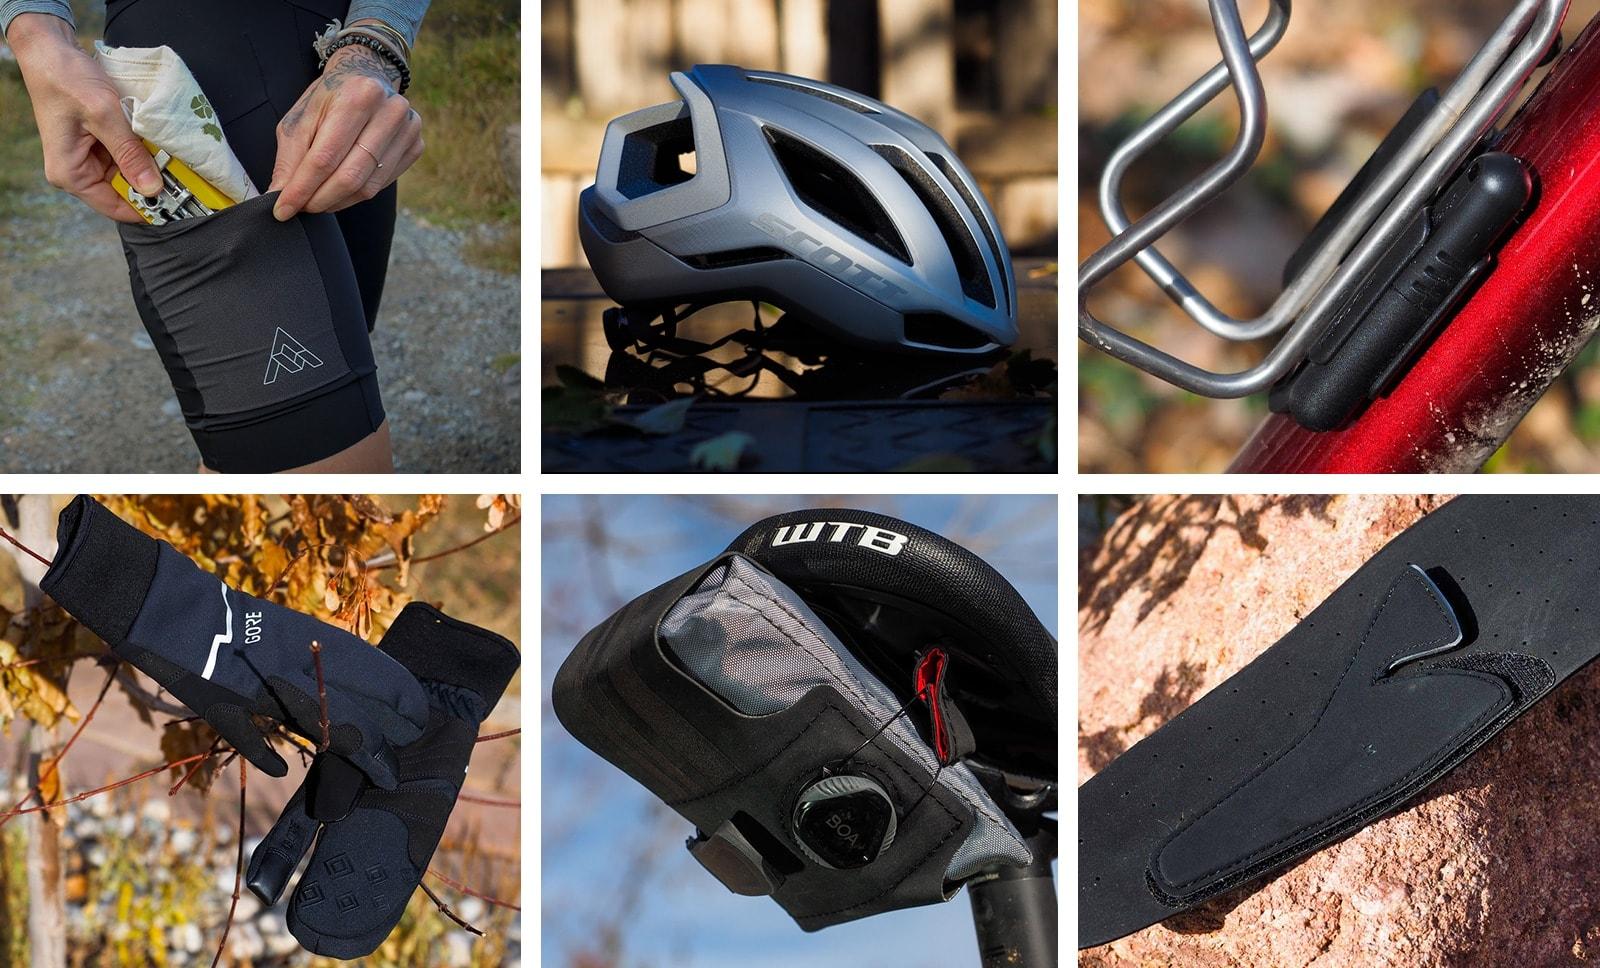 Tech Round-Up # 11: Neue Ausrüstung von Silca, Scott, 7mesh und mehr